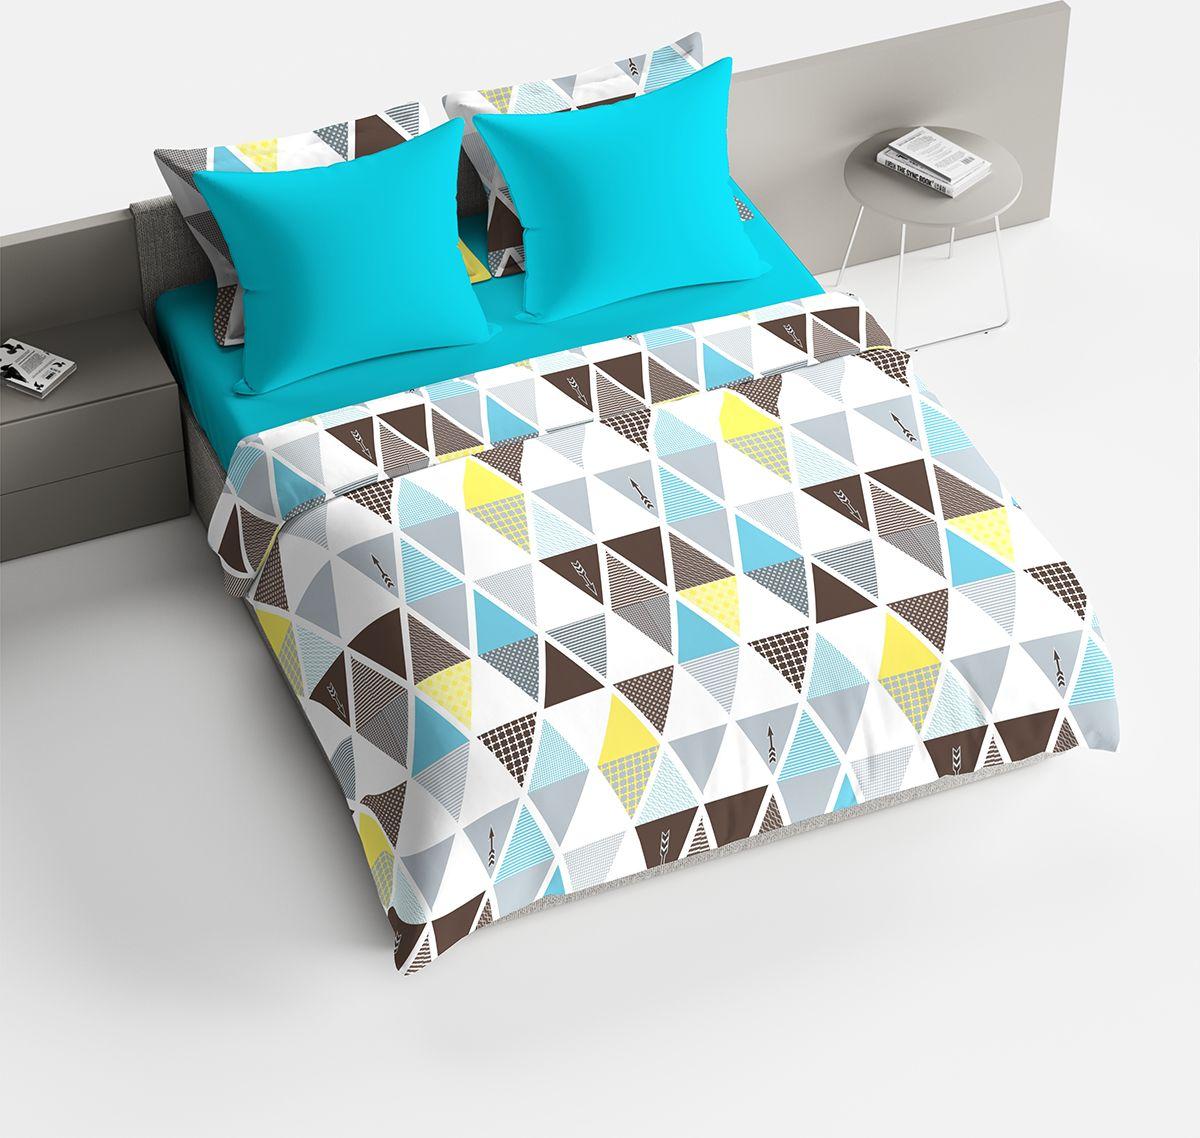 Комплект белья Браво Леонард, cемейный, наволочки 70x70, цвет: голубой91934Комплекты постельного белья из ткани LUX COTTON (высококачественный поплин), сотканной из длинноволокнистого египетского хлопка, созданы специально для людей с оригинальным вкусом, предпочитающим современные решения в интерьере. Обновленная стильная упаковка делает этот комплект отличным подарком. • Равноплотная ткань из 100% хлопка; • Обработана по технологии мерсеризации и санфоризации; • Мягкая и нежная на ощупь; • Устойчива к трению; • Обладает высокими показателями гигроскопичности (впитывает влагу); • Выдерживает частые стирки, сохраняя первоначальные цвет, форму и размеры; • Безопасные красители ведущего немецкого производителя BEZEMAСоветы по выбору постельного белья от блогера Ирины Соковых. Статья OZON Гид